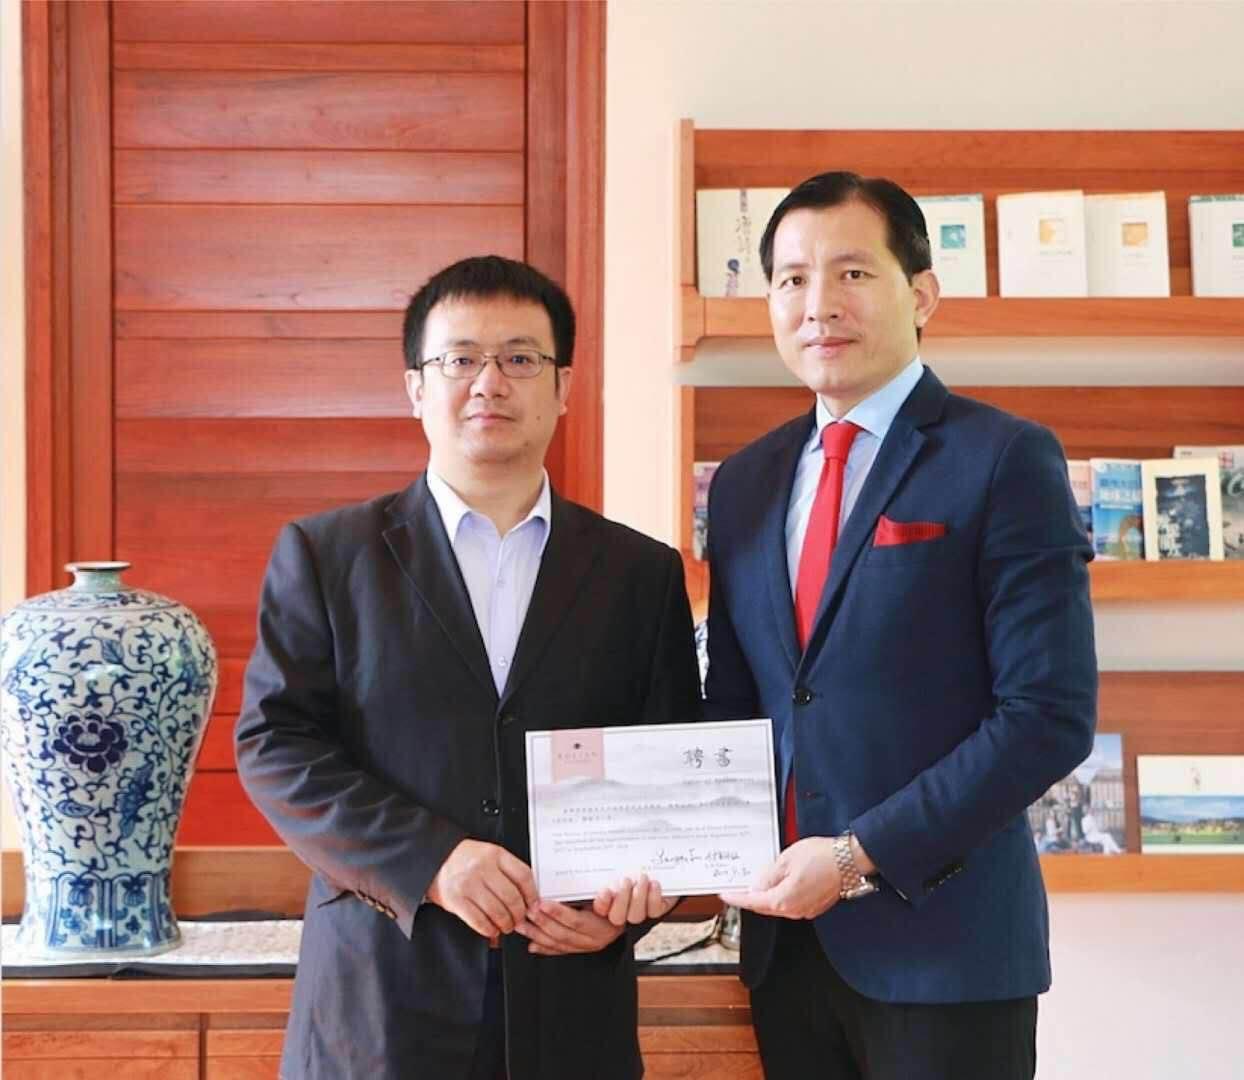 集团首席架构师蒋骏获聘柏联学院客座教授,助力旅游科技创新发展